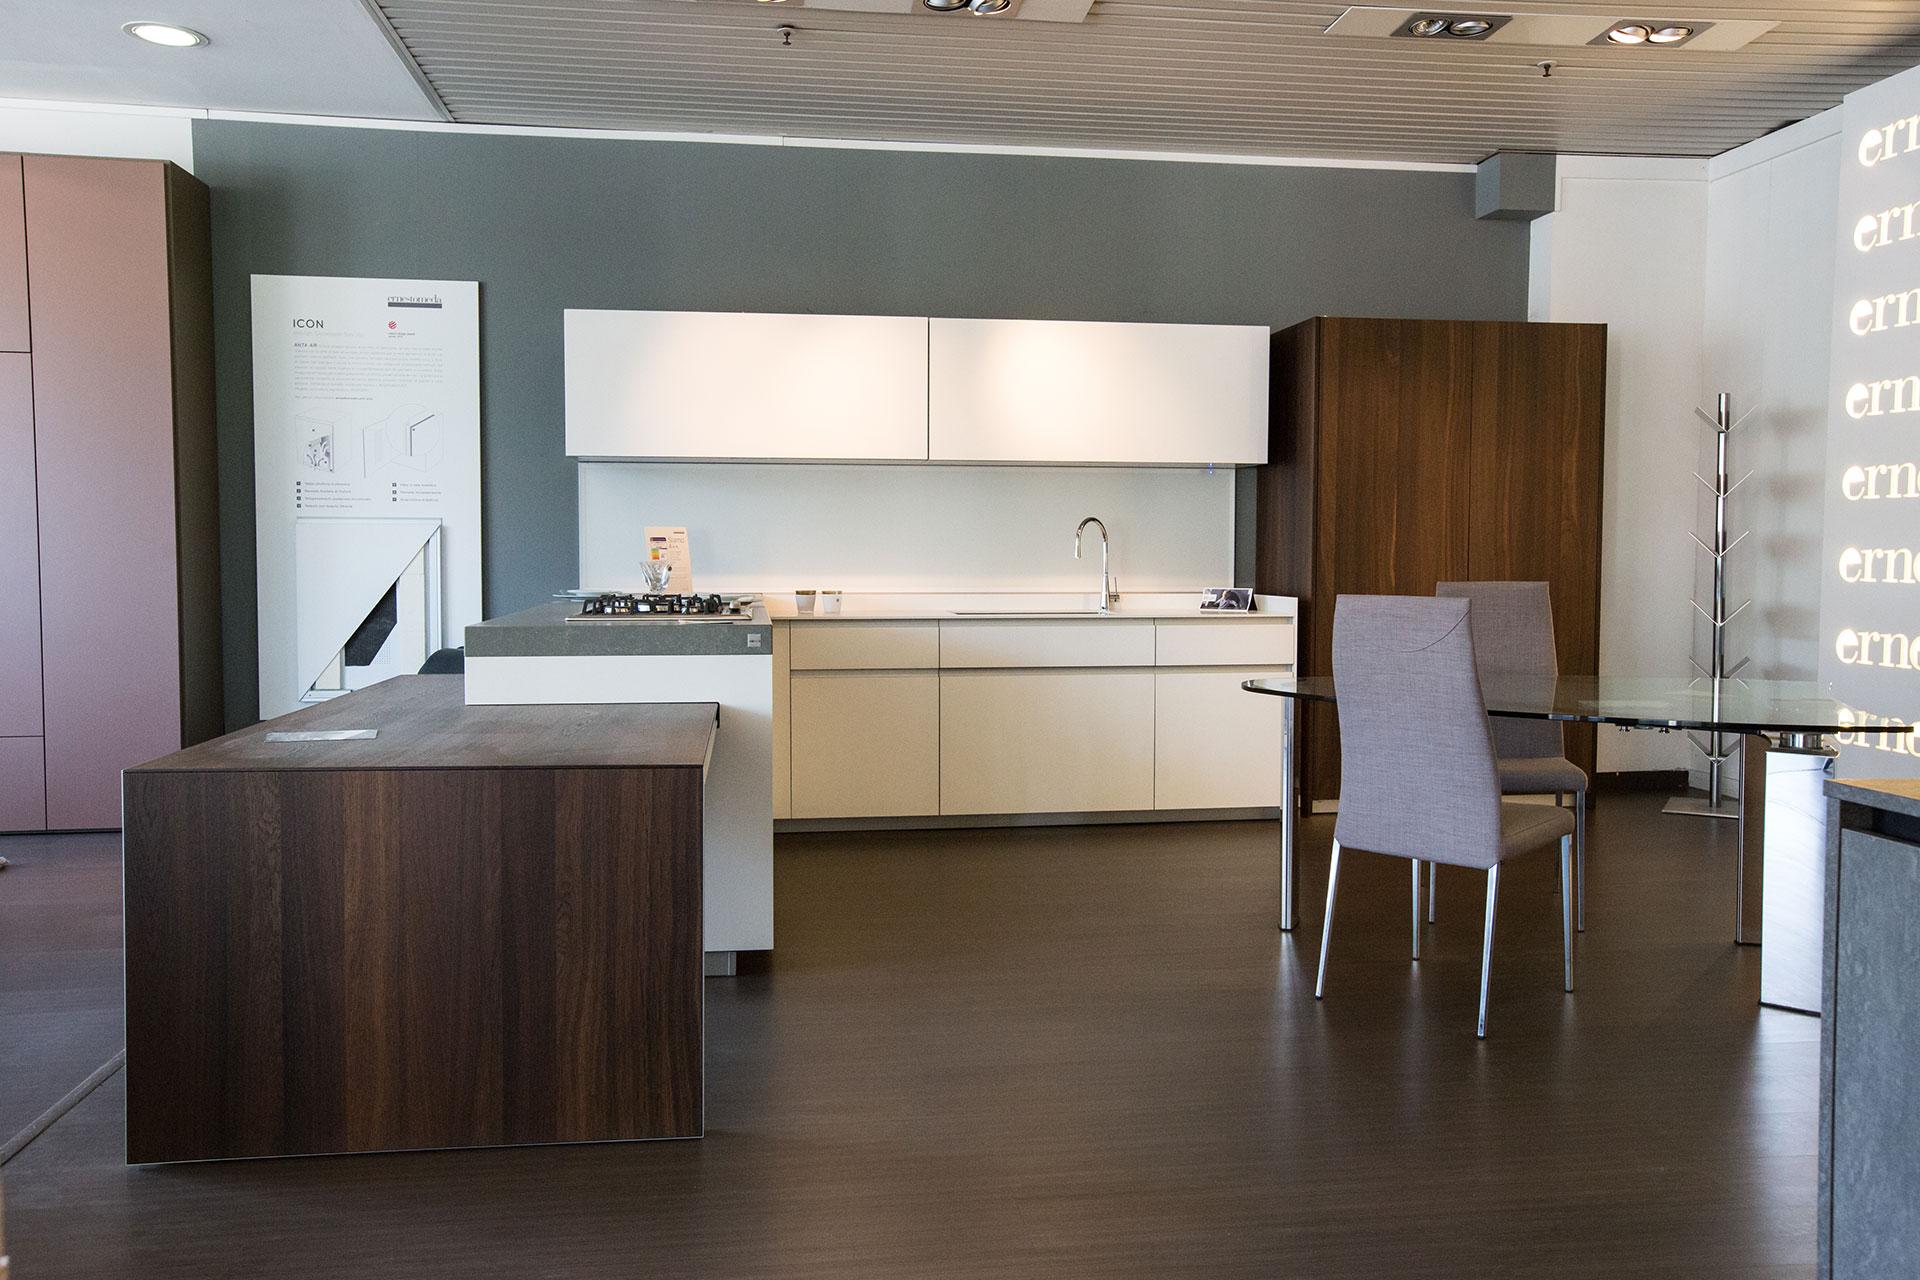 Ernesto meda cucina icon | Carnero Casa